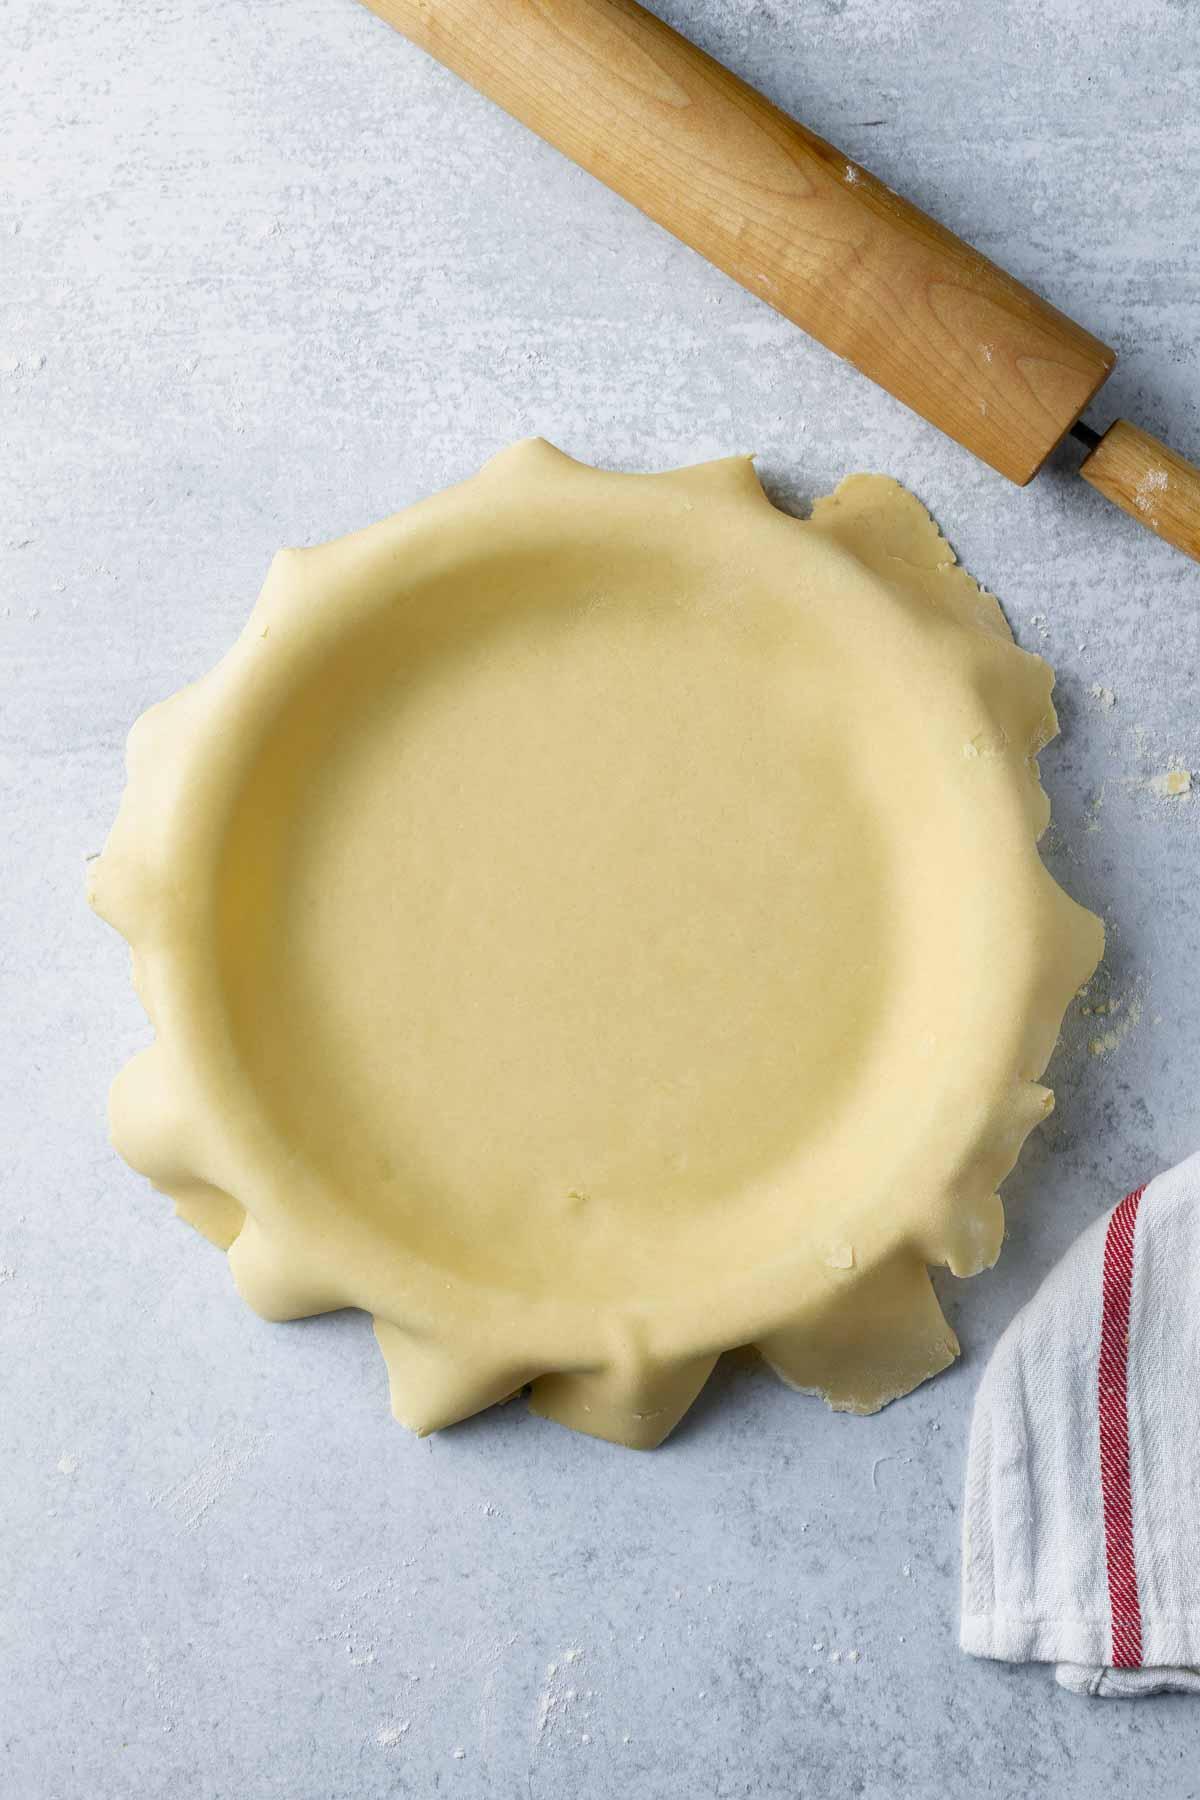 untrimmed pie crust in a pie plate